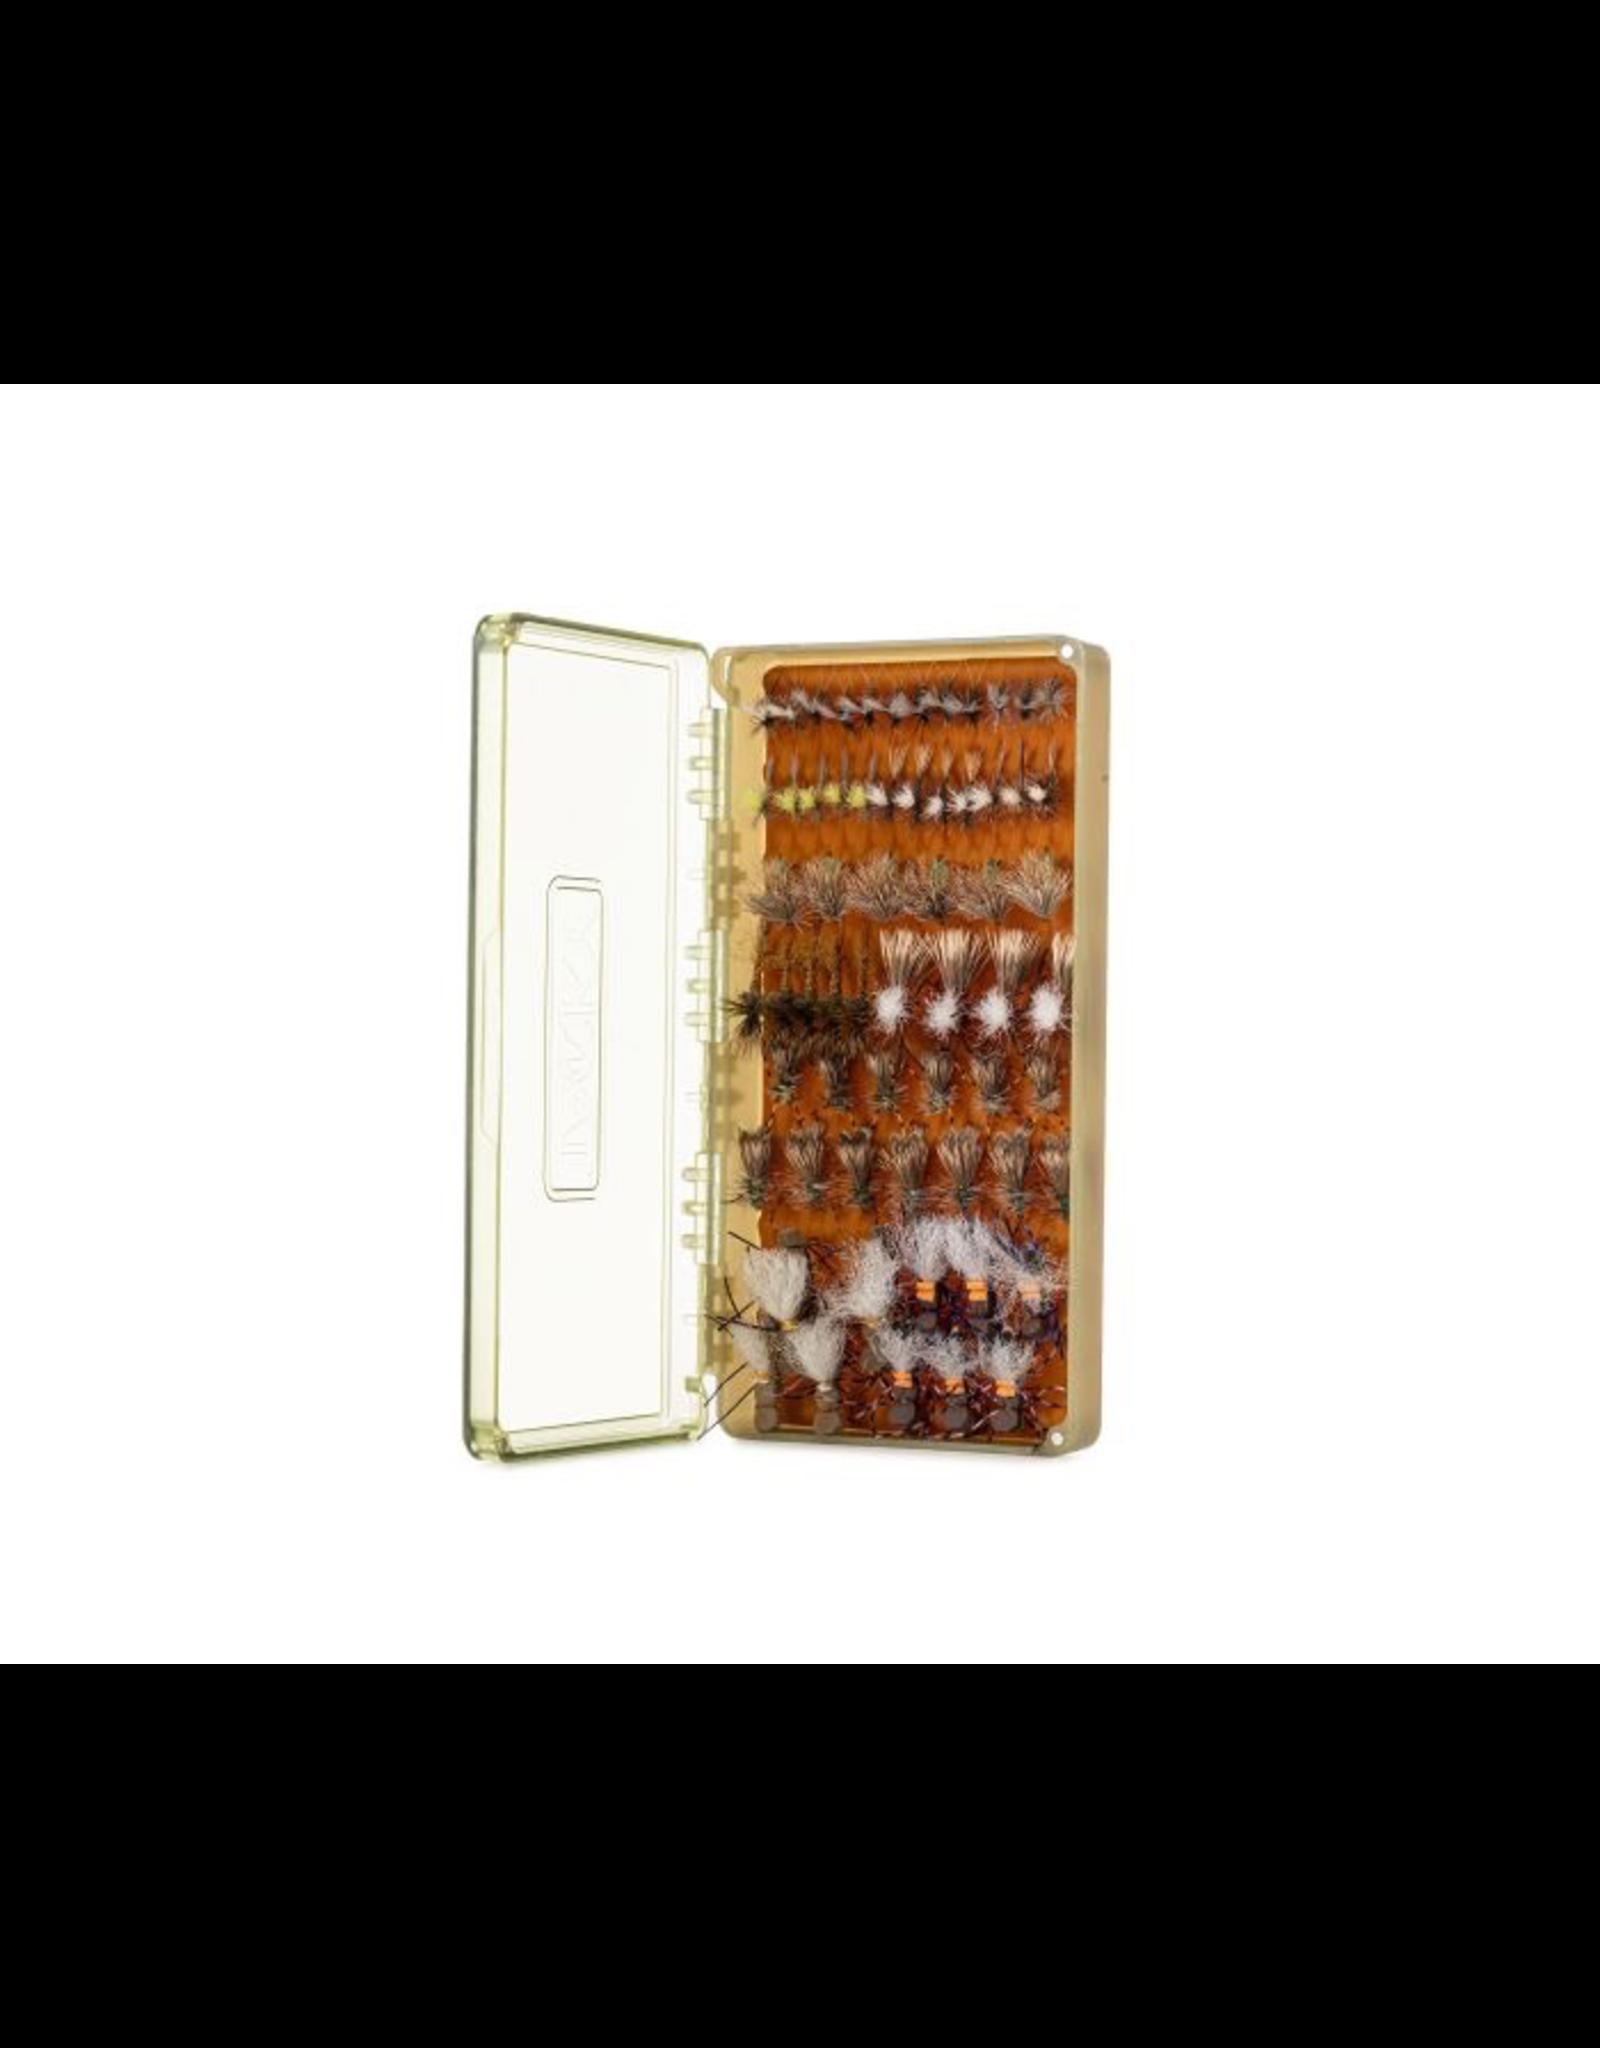 Tacky Dry Fly Fly Box